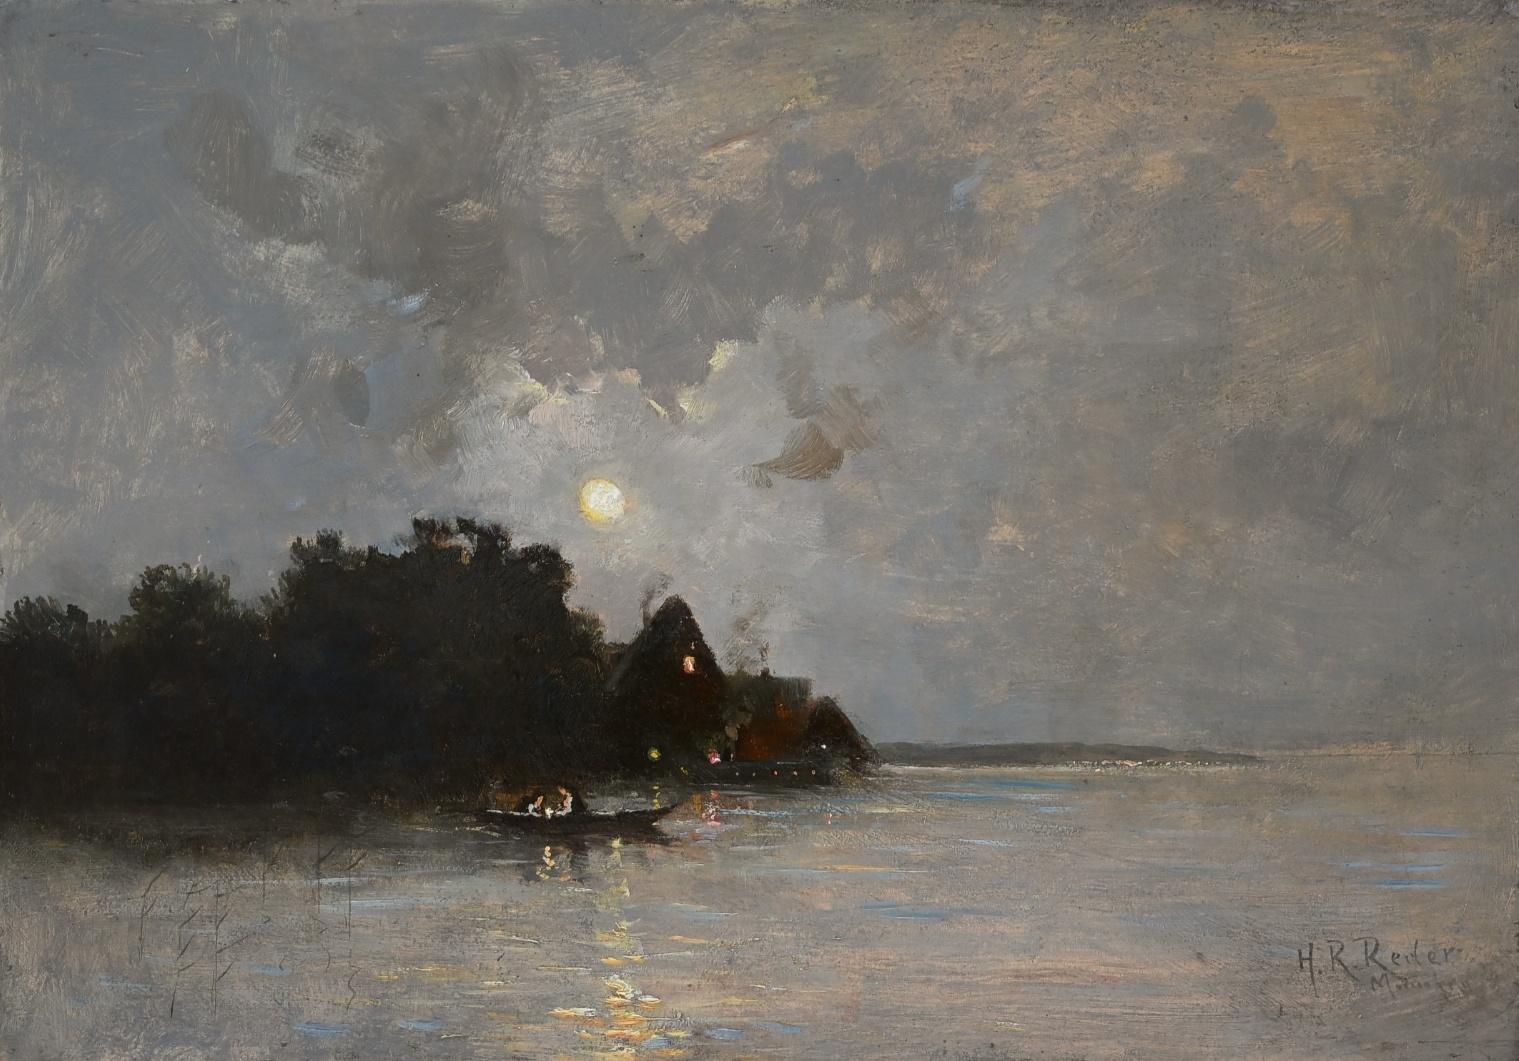 Heinrich R. Reder (1862 - 1942) » Öl-Gemälde Landschaft Spätromantik Münchner Malerschule